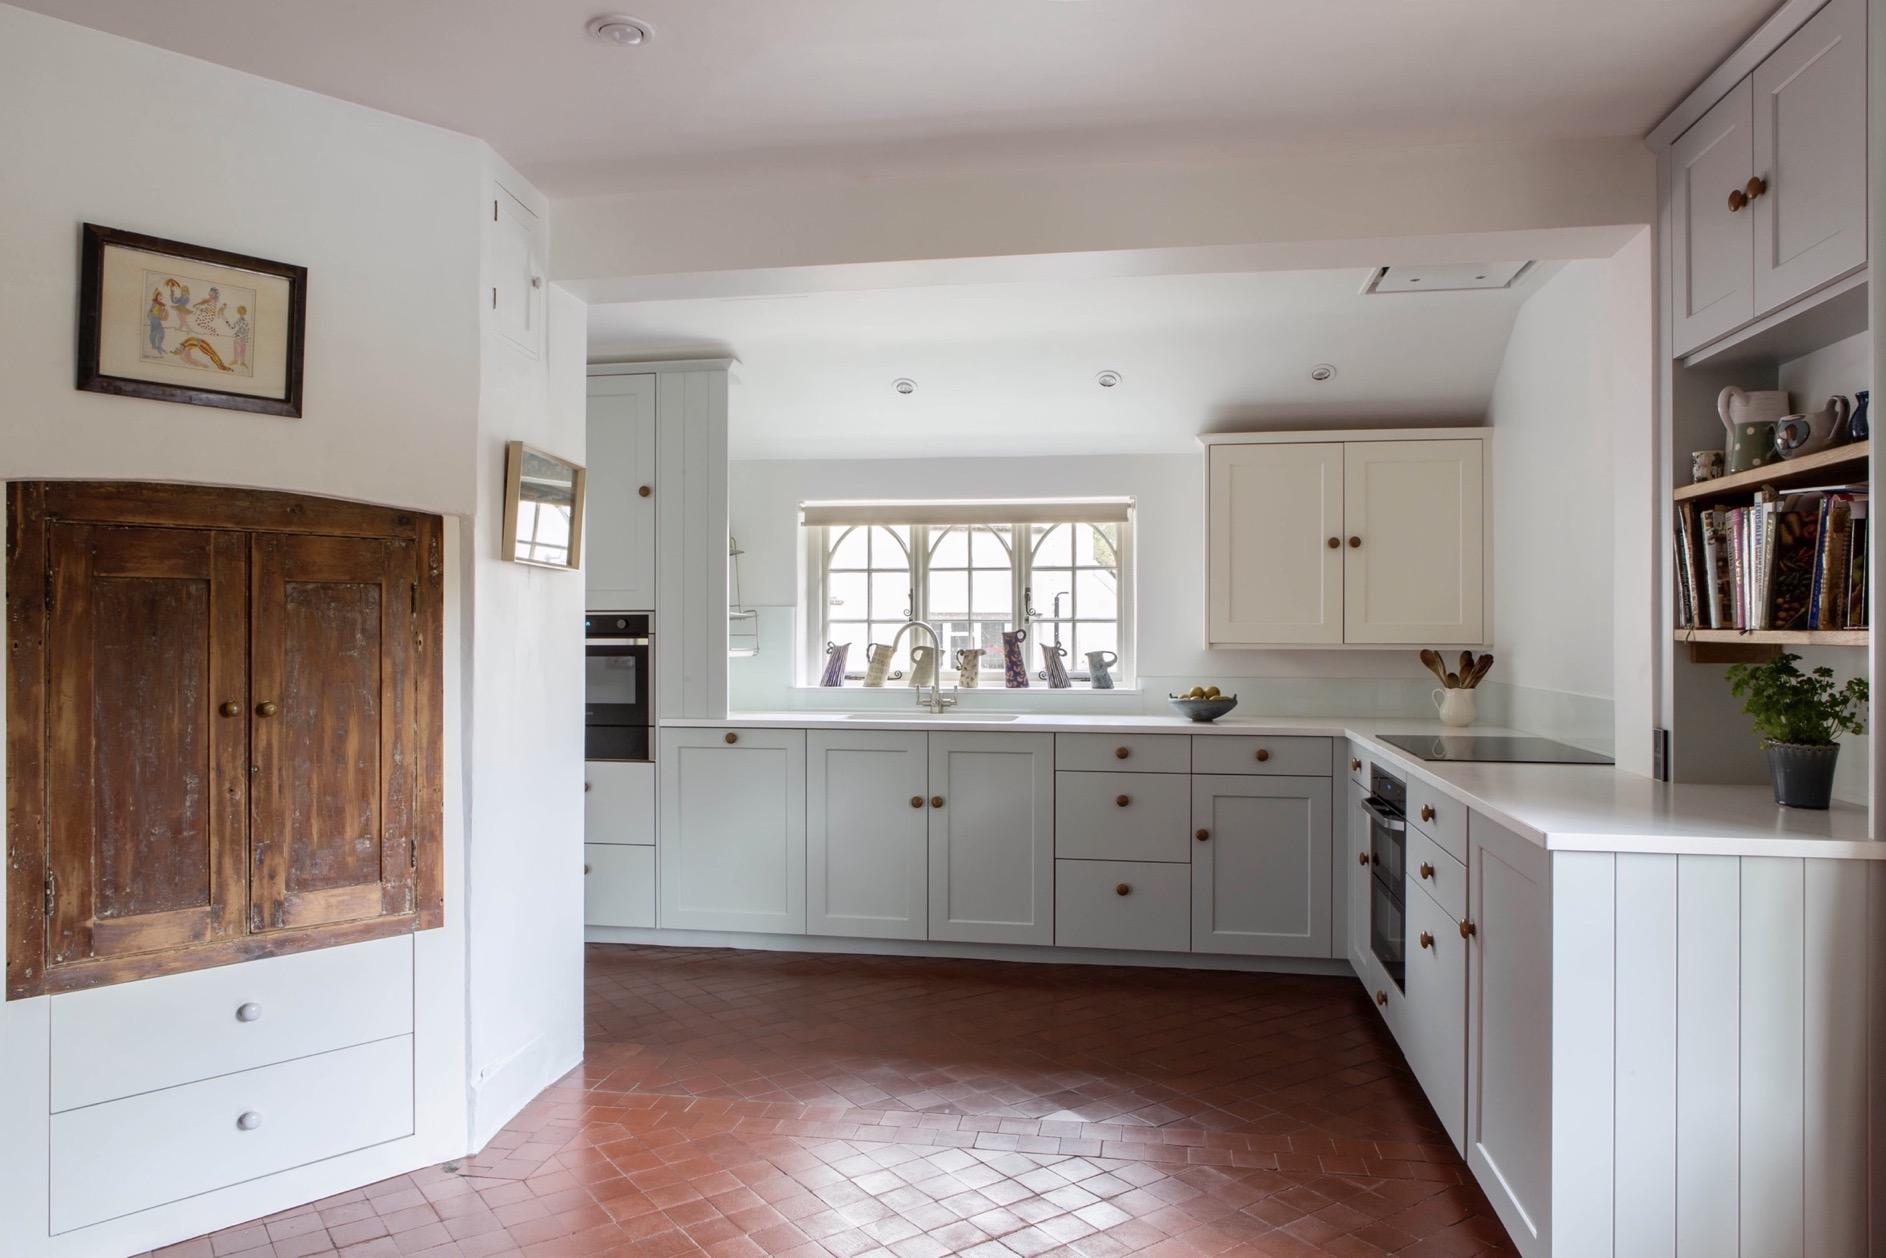 handpainted kitchen made to measure haddenham bespoke buckinghamshire 1 1